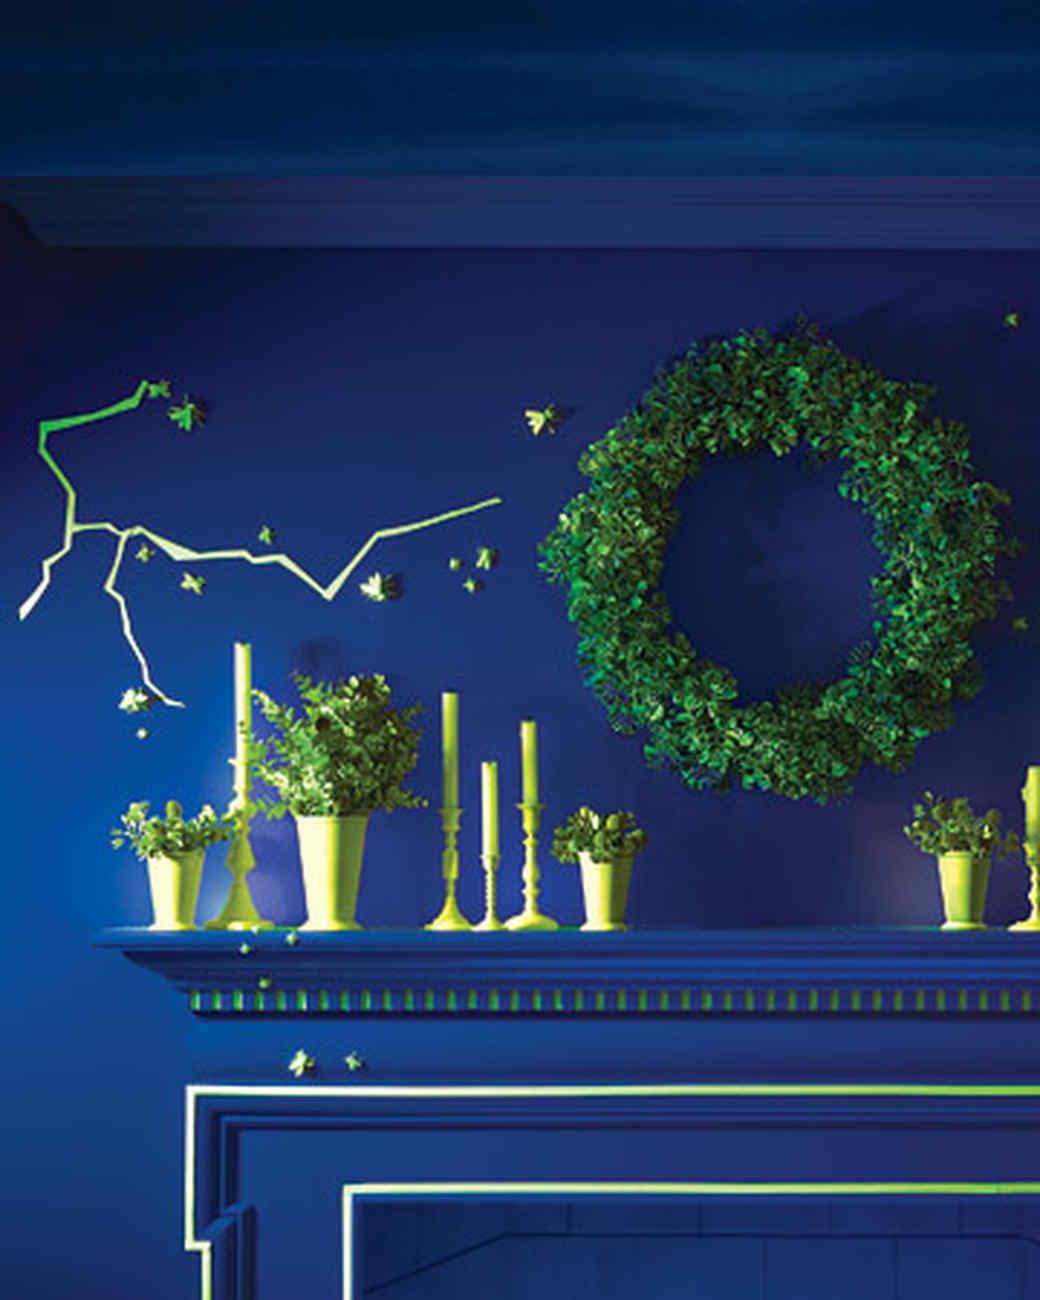 mld104139_1008_candles.jpg